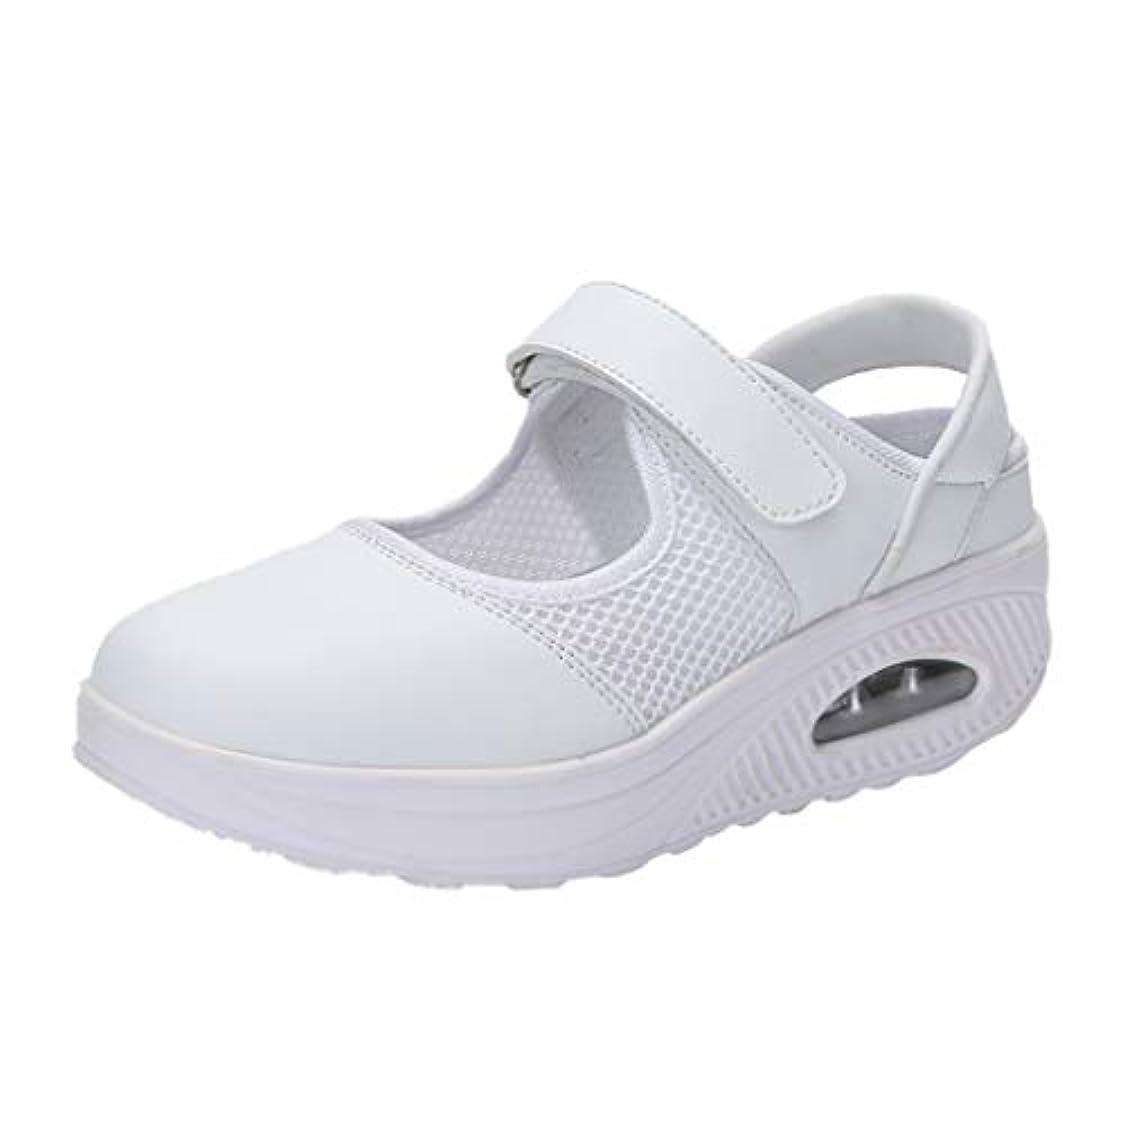 前文同行する温室ナースシューズ liqiuxiang お母さん 婦人靴 スボーツスニーカー ウォーキングシューズ 看護師 作業靴 軽量 マジックタイプ スニーカーサンダル ケアセフティ レディース